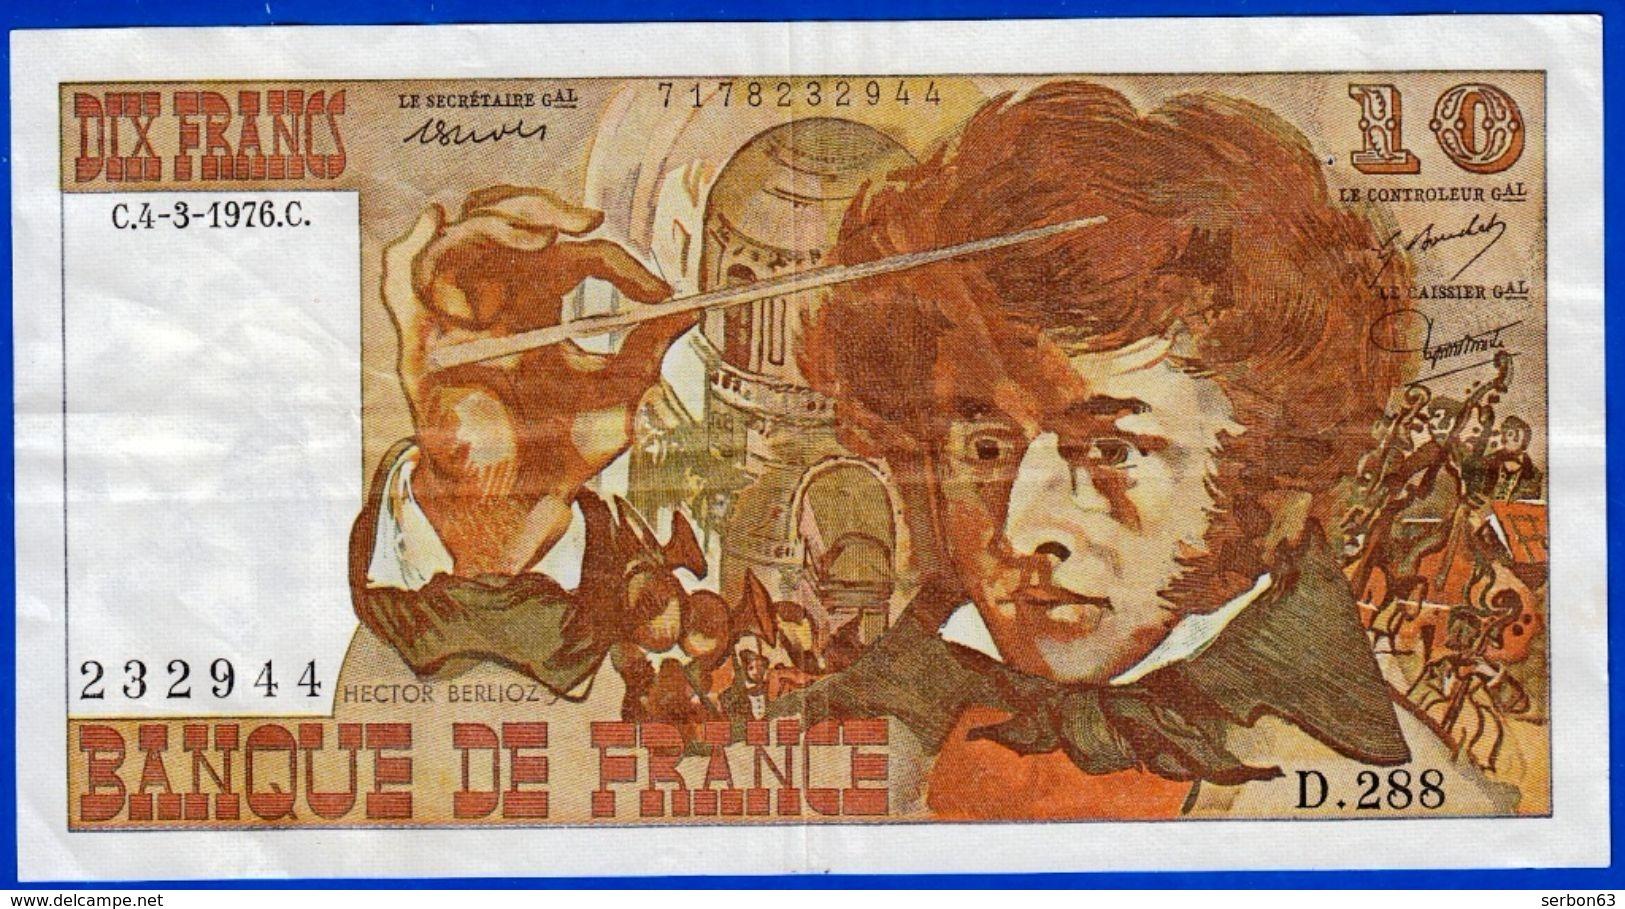 10 FRANCS BERLIOZ BILLET FRANCAIS D.288 N° 232944 TROUS BONNE DEFINITION ! 4-3-1976 - NOTRE SITE Serbon63 - 1962-1997 ''Francs''